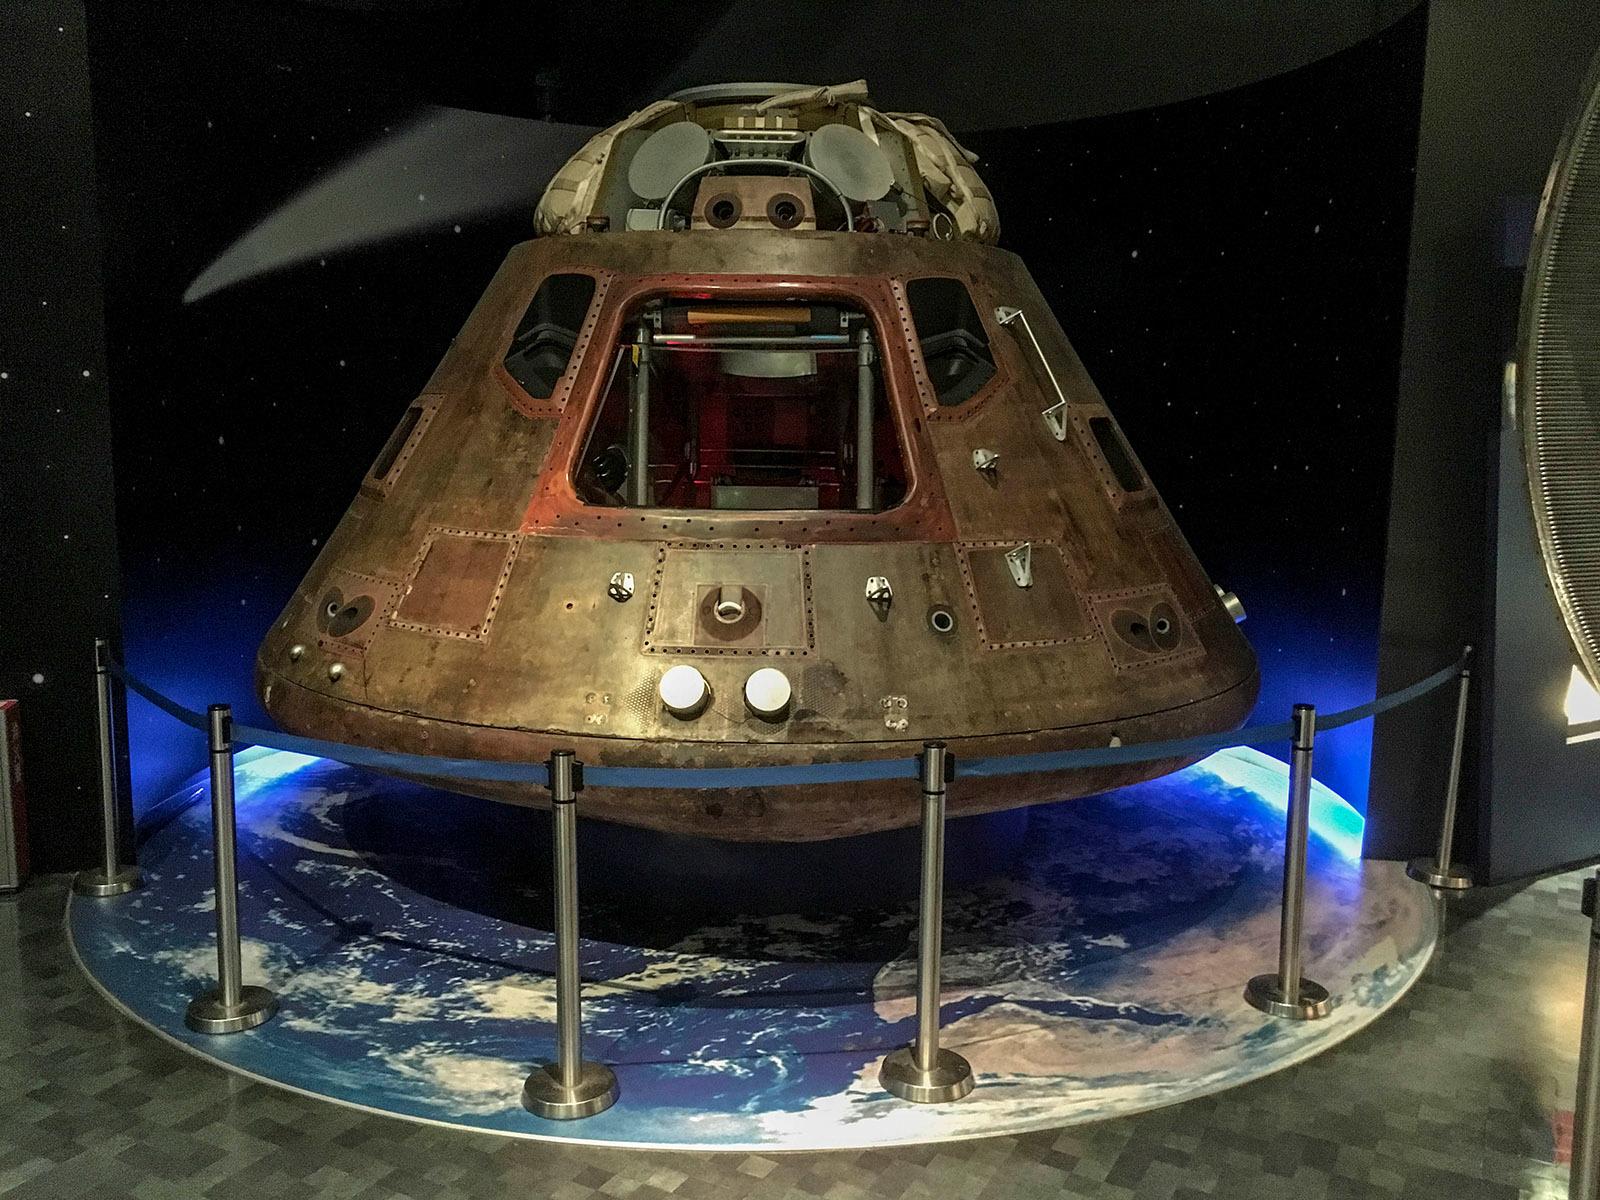 月の石とアポロ宇宙船_c0028861_21294383.jpg